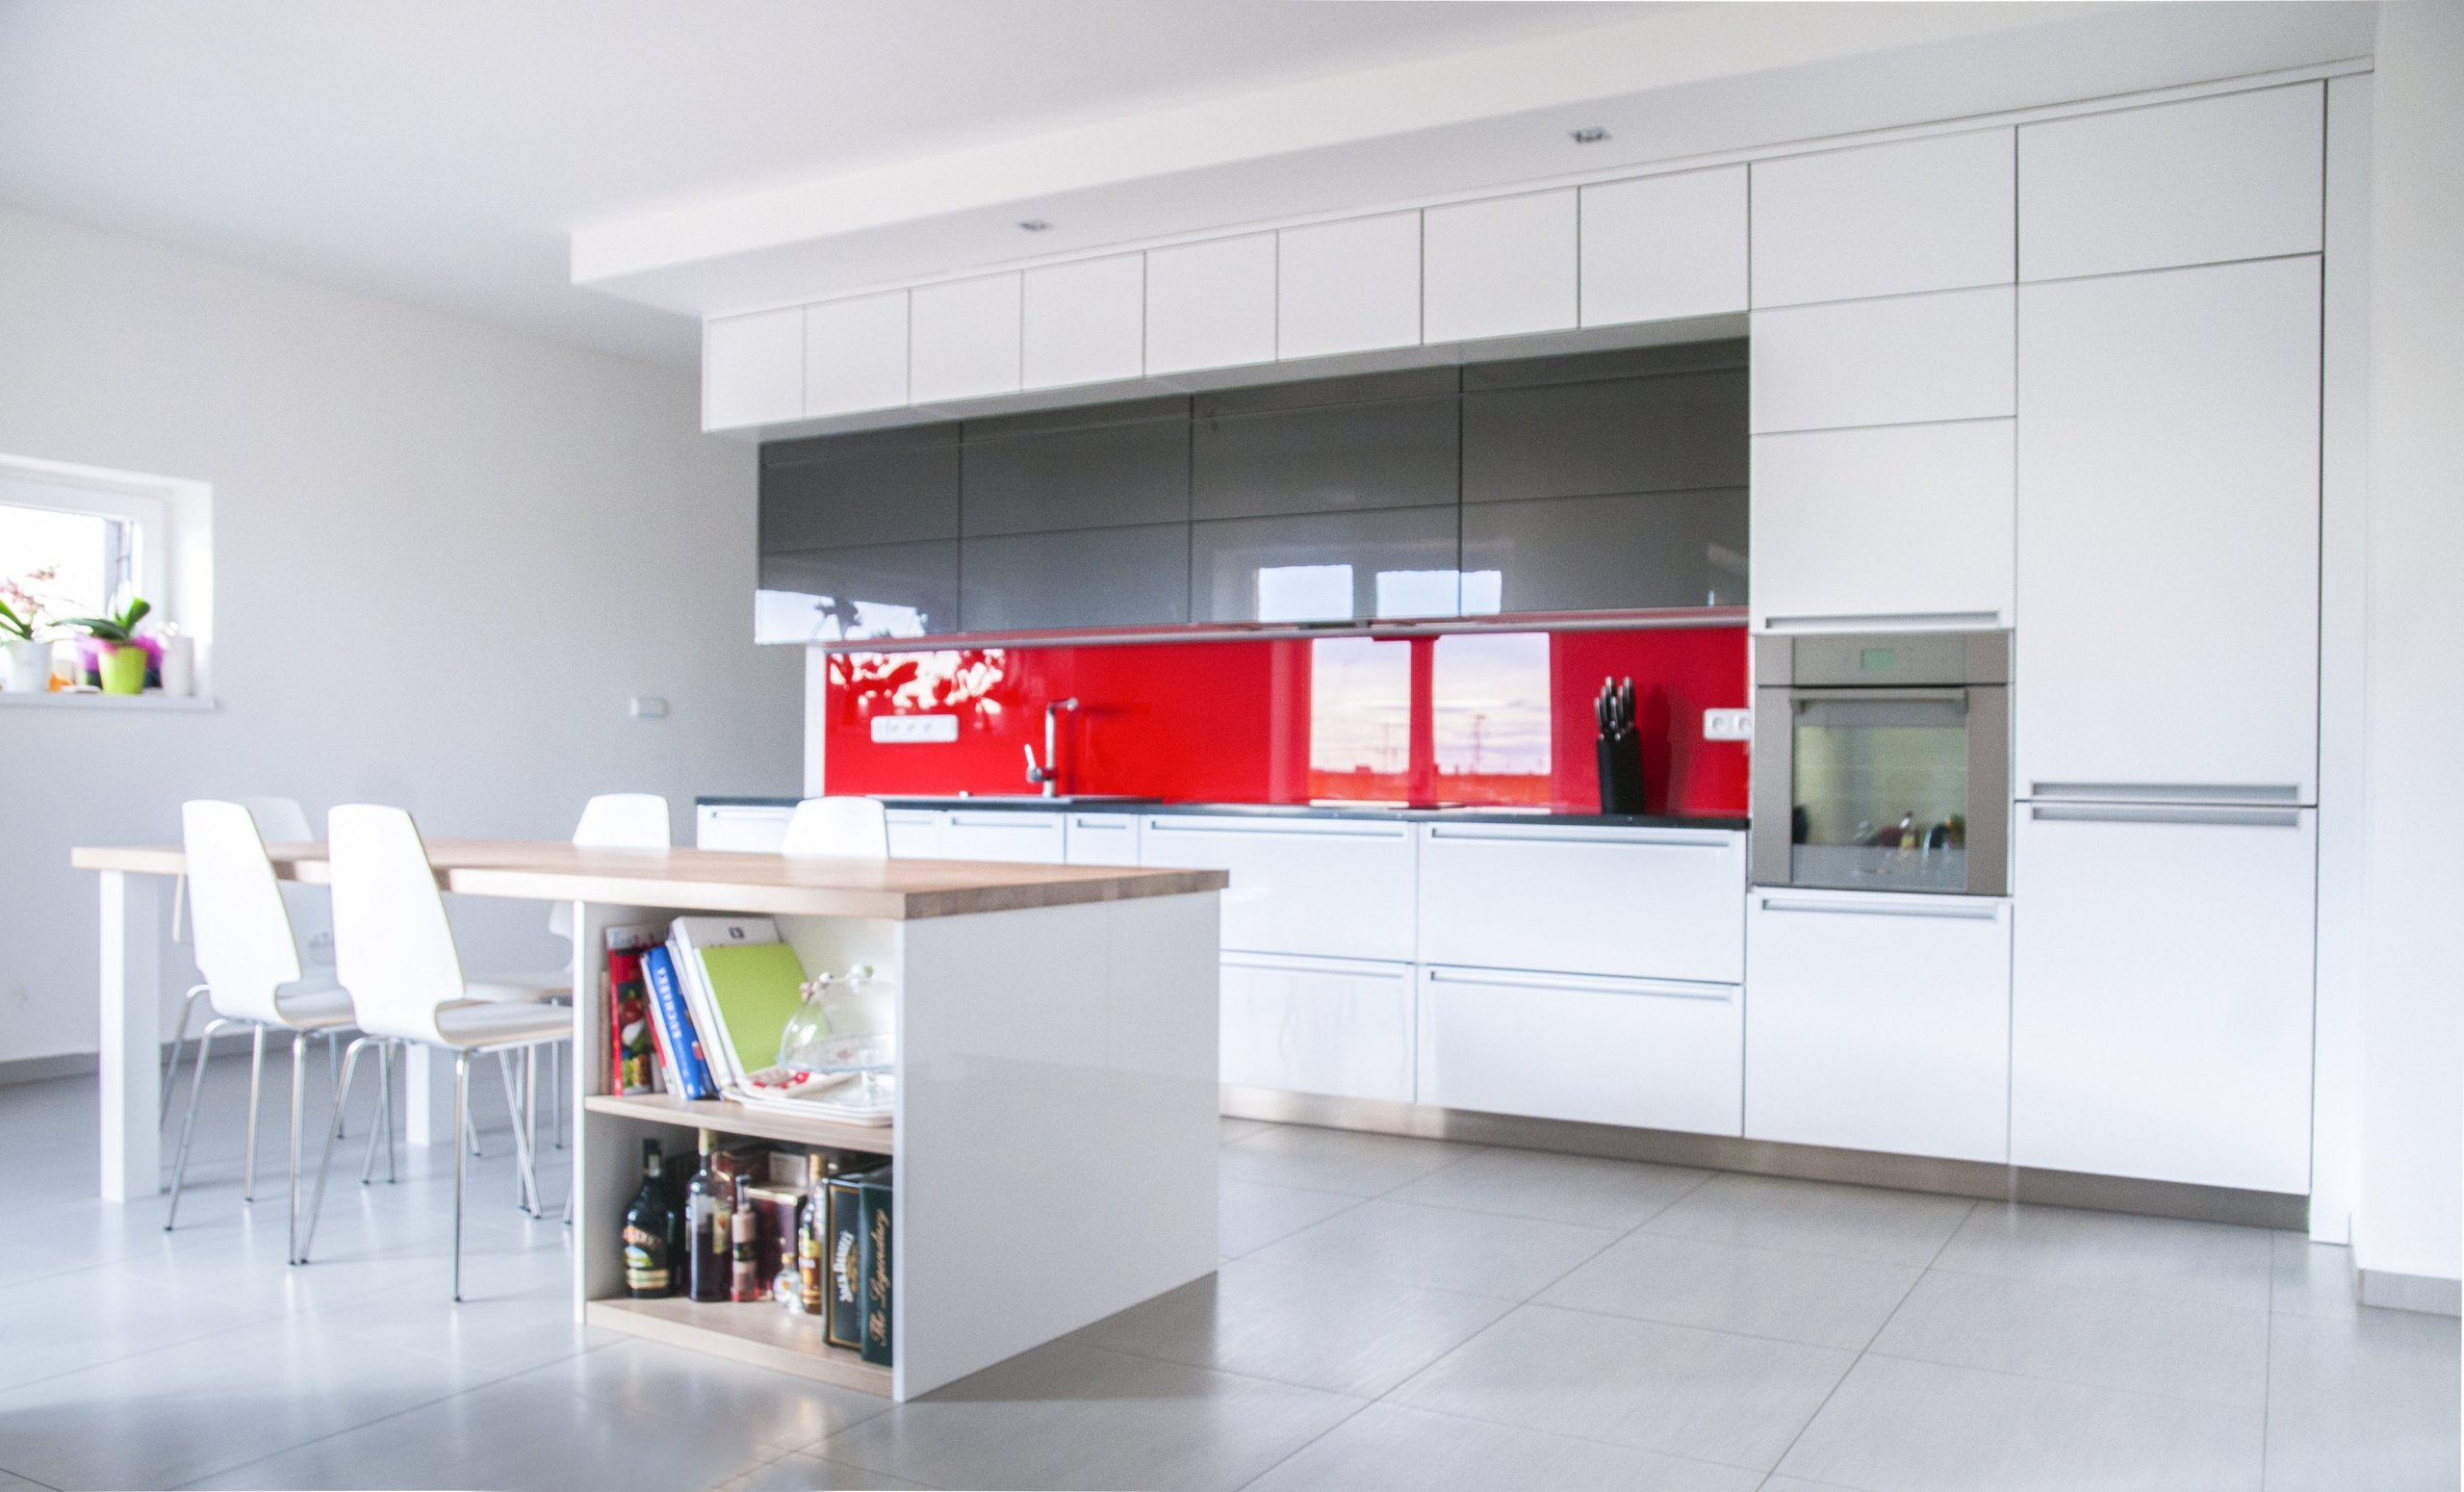 Moderní minimalistický design. Hladké a rovné plochy jsou zvýrazněny bezúchytovými mechanismy a zápustnými úchyty. Luxusní punc dodávají kuchyni elegantní…